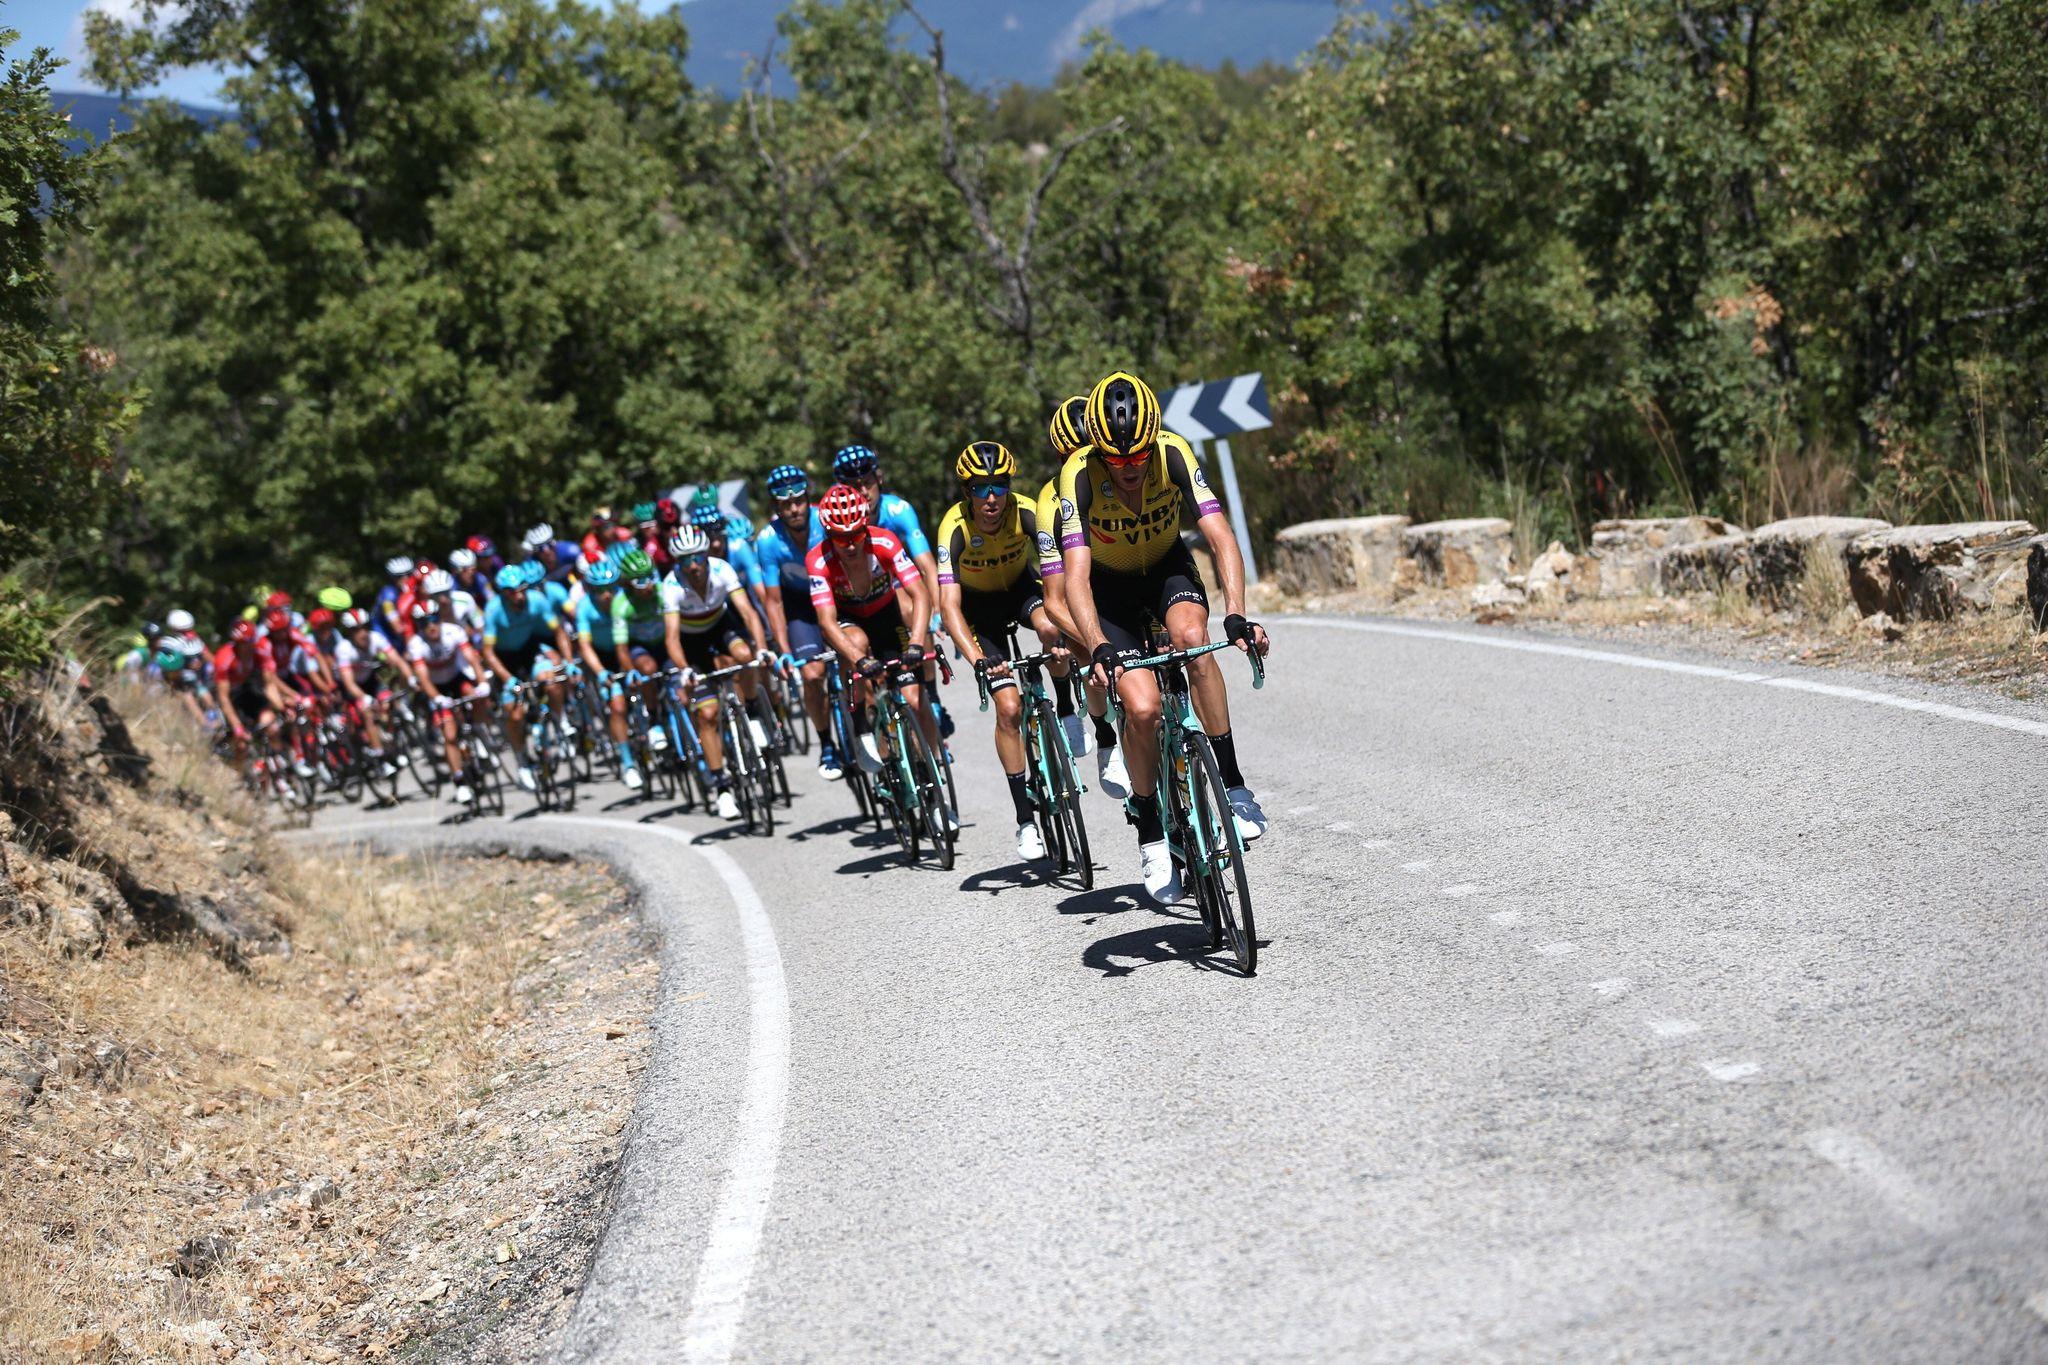 GRAF735. PUERTO DE LA MORCUERA (C. DE MADRID), 12/09/2019.- El pelotón durante la ascensión en el Puerto de la Morcuera en la décimo octava etapa de la <HIT>Vuelta</HIT> ciclista a España 2019, que ha partido este jueves desde la localidad madrileña de Colmenar Viejo y finaliza en Becerril de la Sierra tras 177,5 kilómetros de recorrido. EFE/Javier Lizón